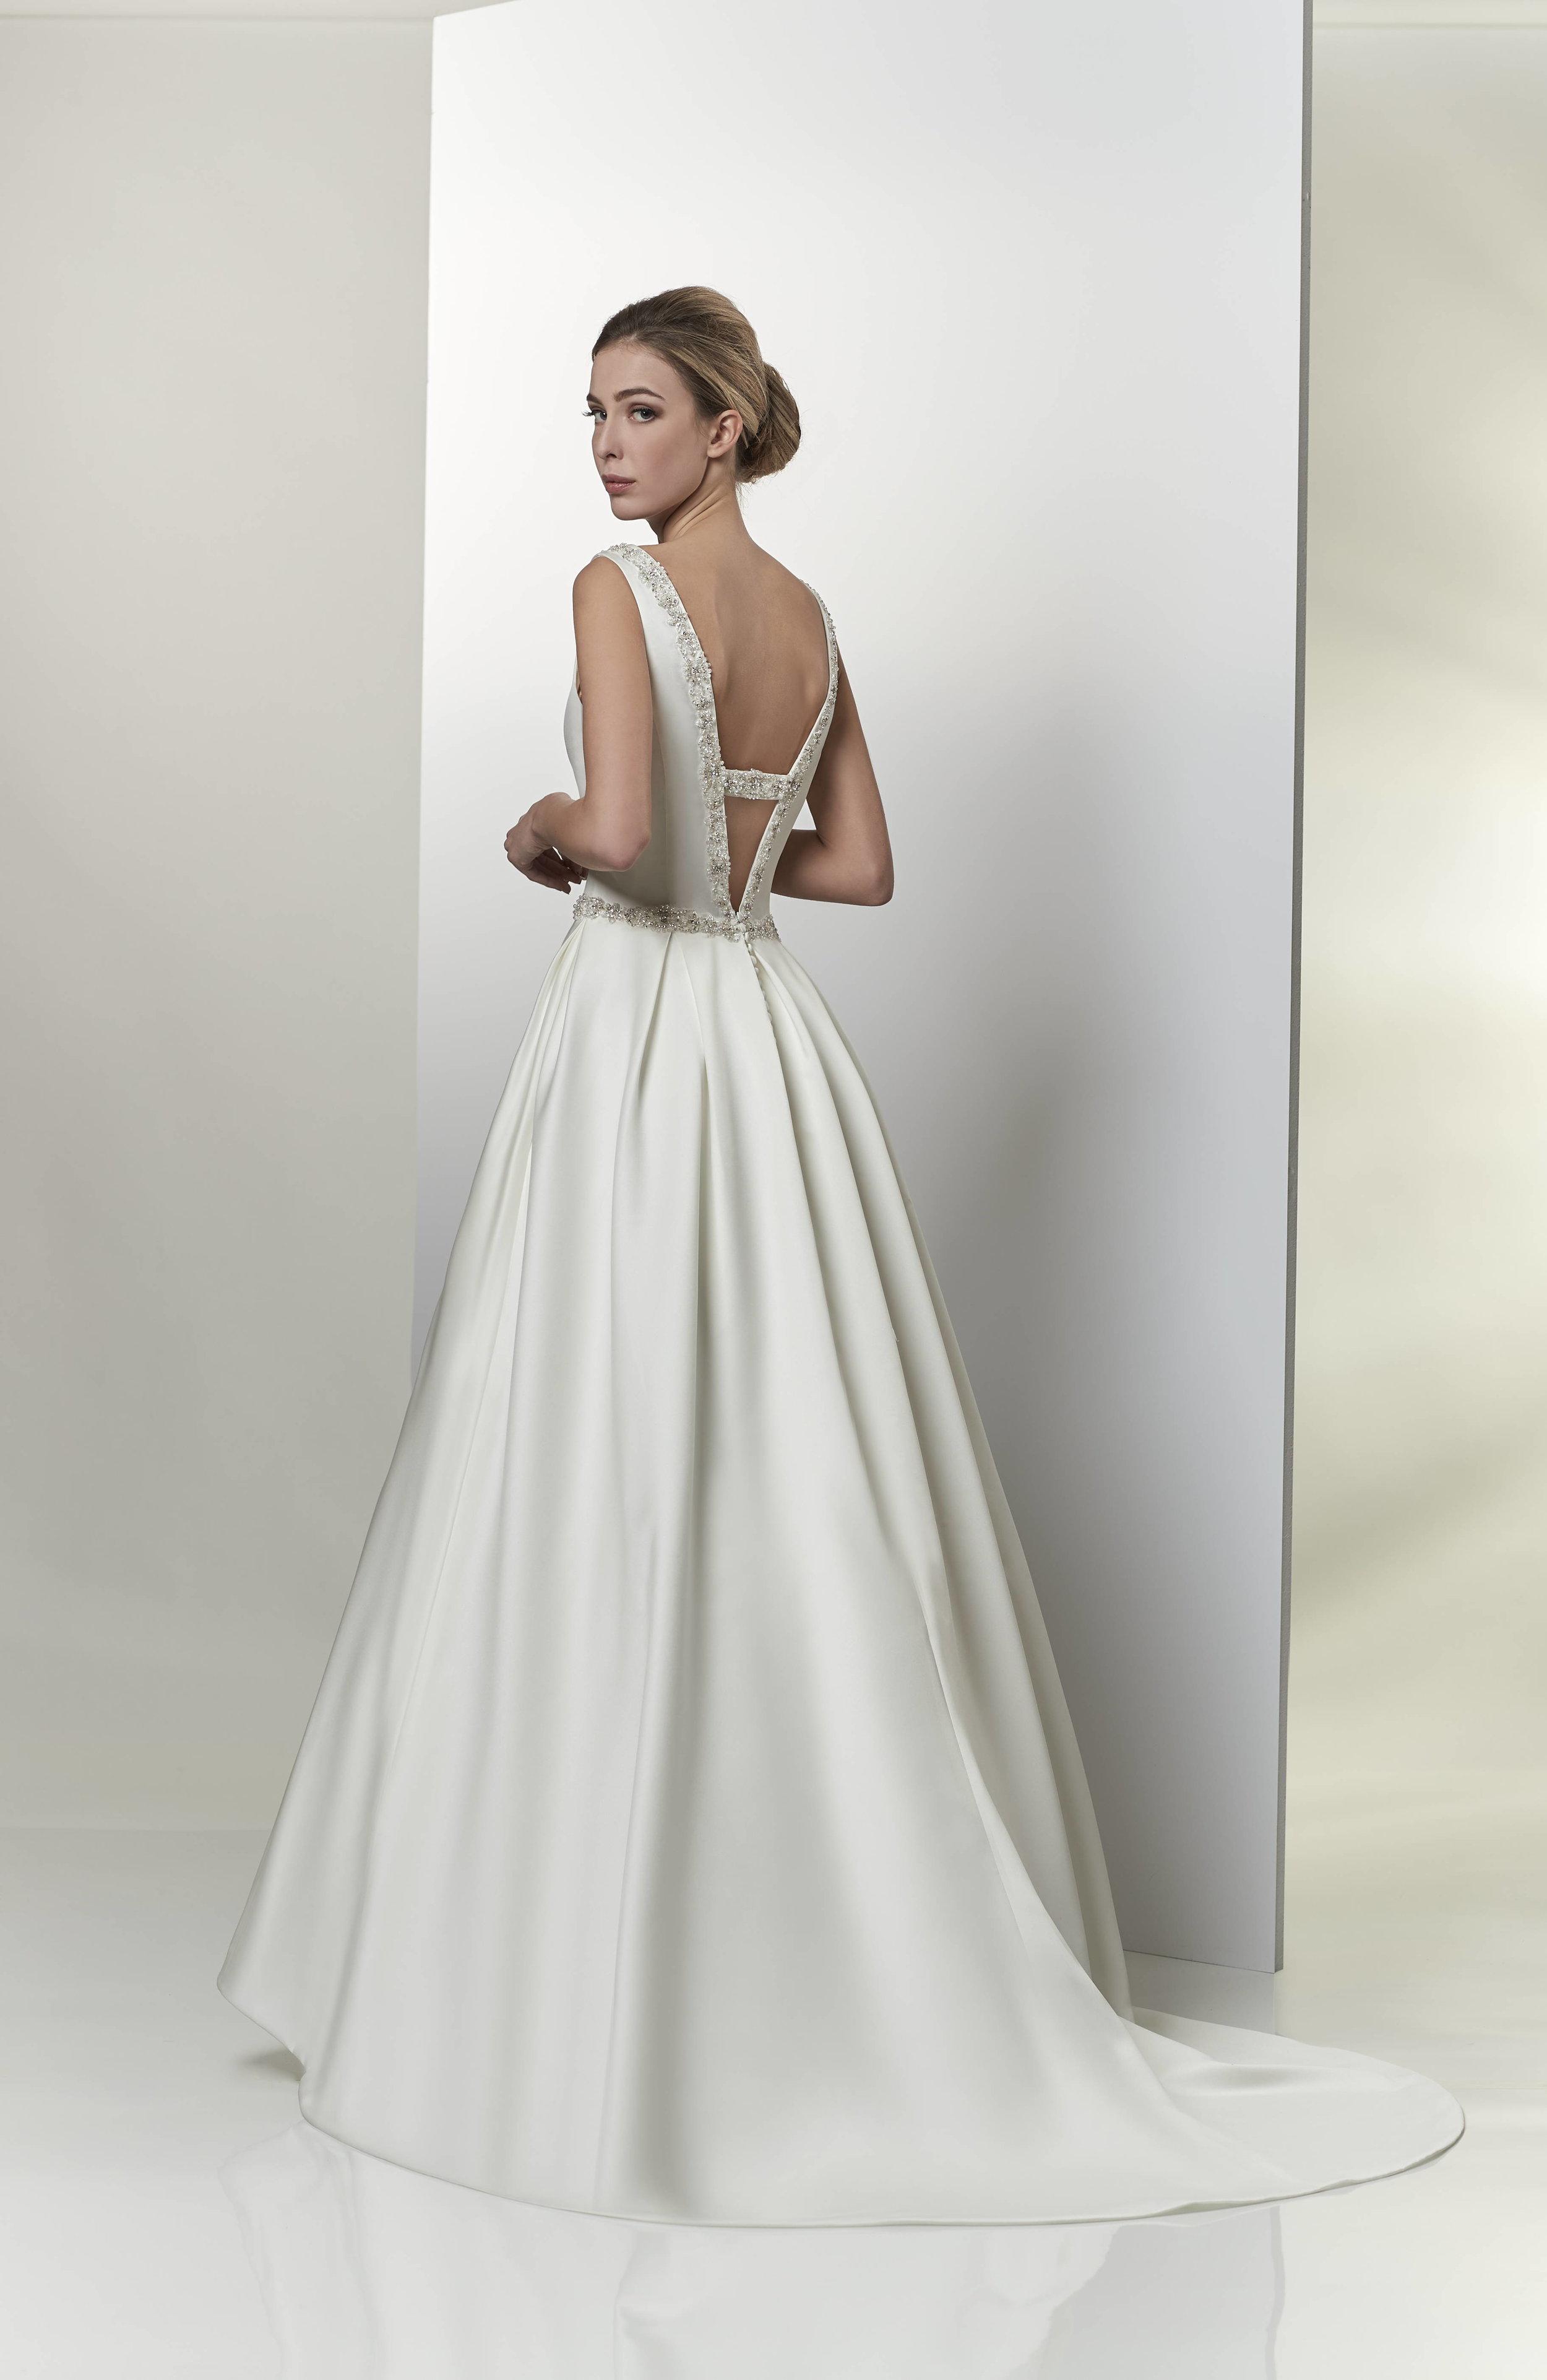 Dress - AT6666 back